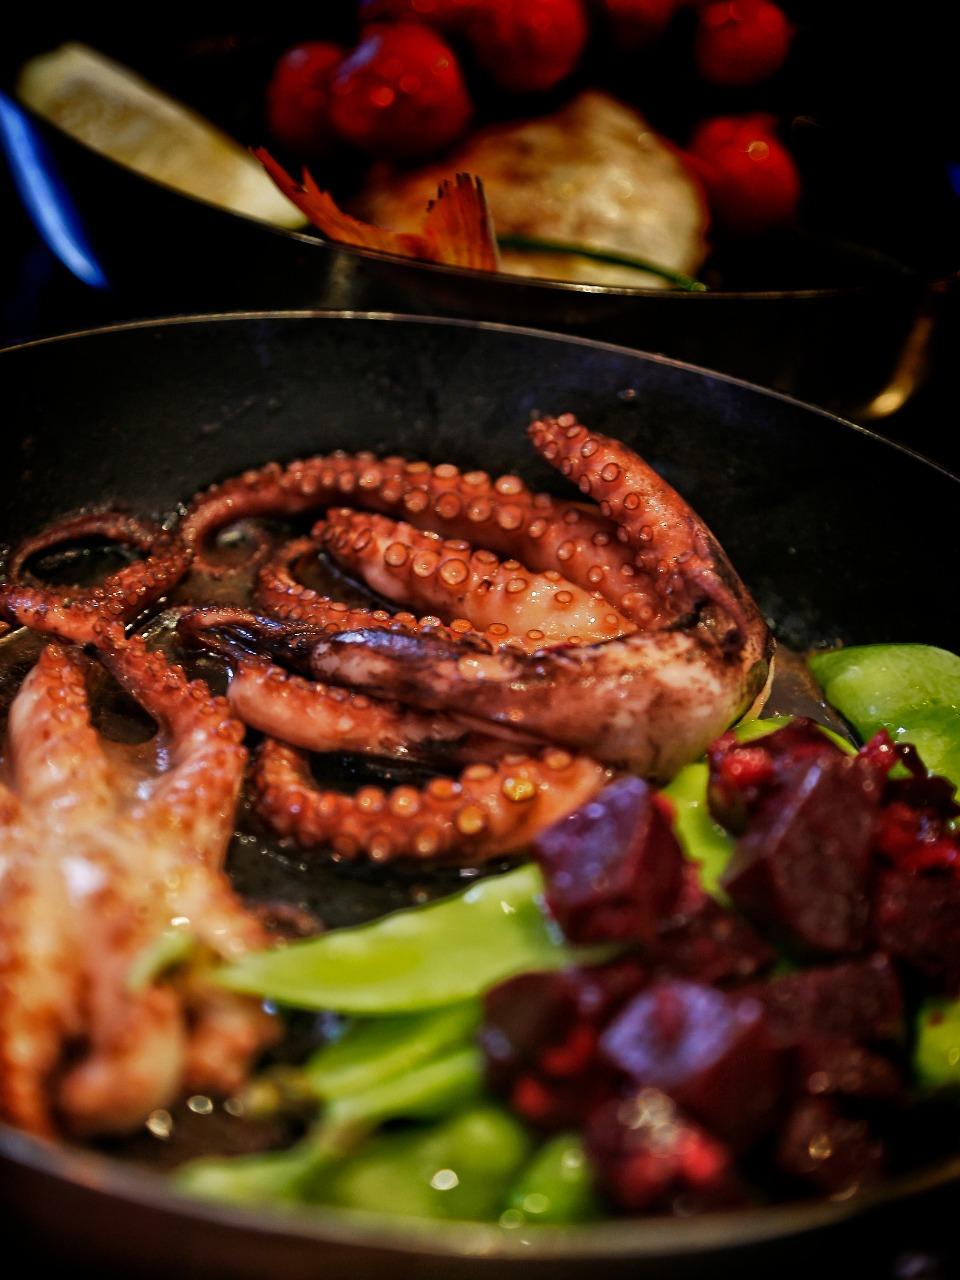 O polvo é um dos ingredientes nobres do menu do Fish*me. Foto: Divulgação